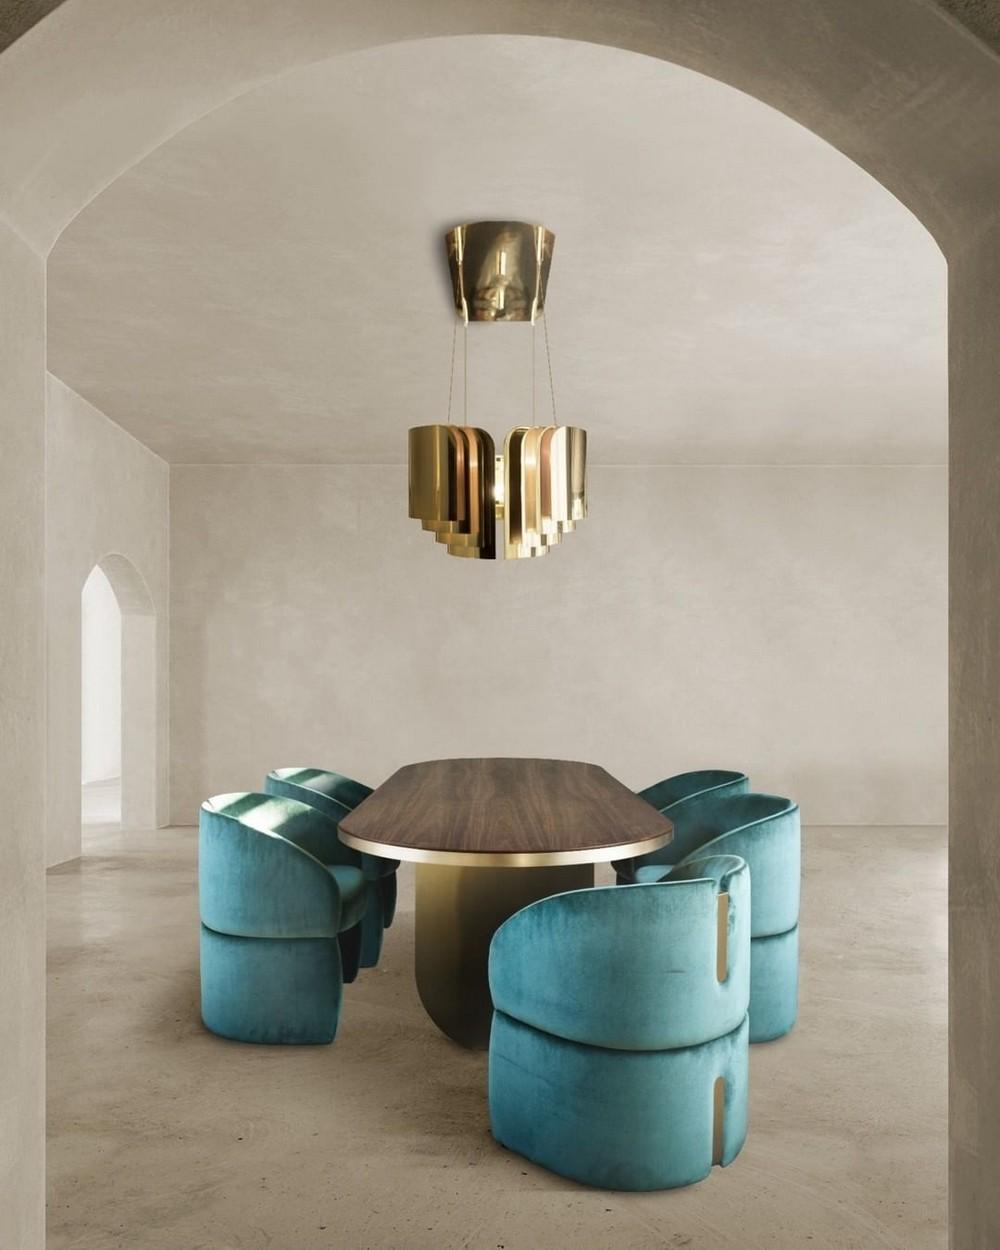 Comedores lujuosos: Inspiraciónes perfectas para un Diseño de interior moderno comedores lujuosos Comedores lujuosos: Inspiraciónes perfectas para un Diseño de interior moderno 8